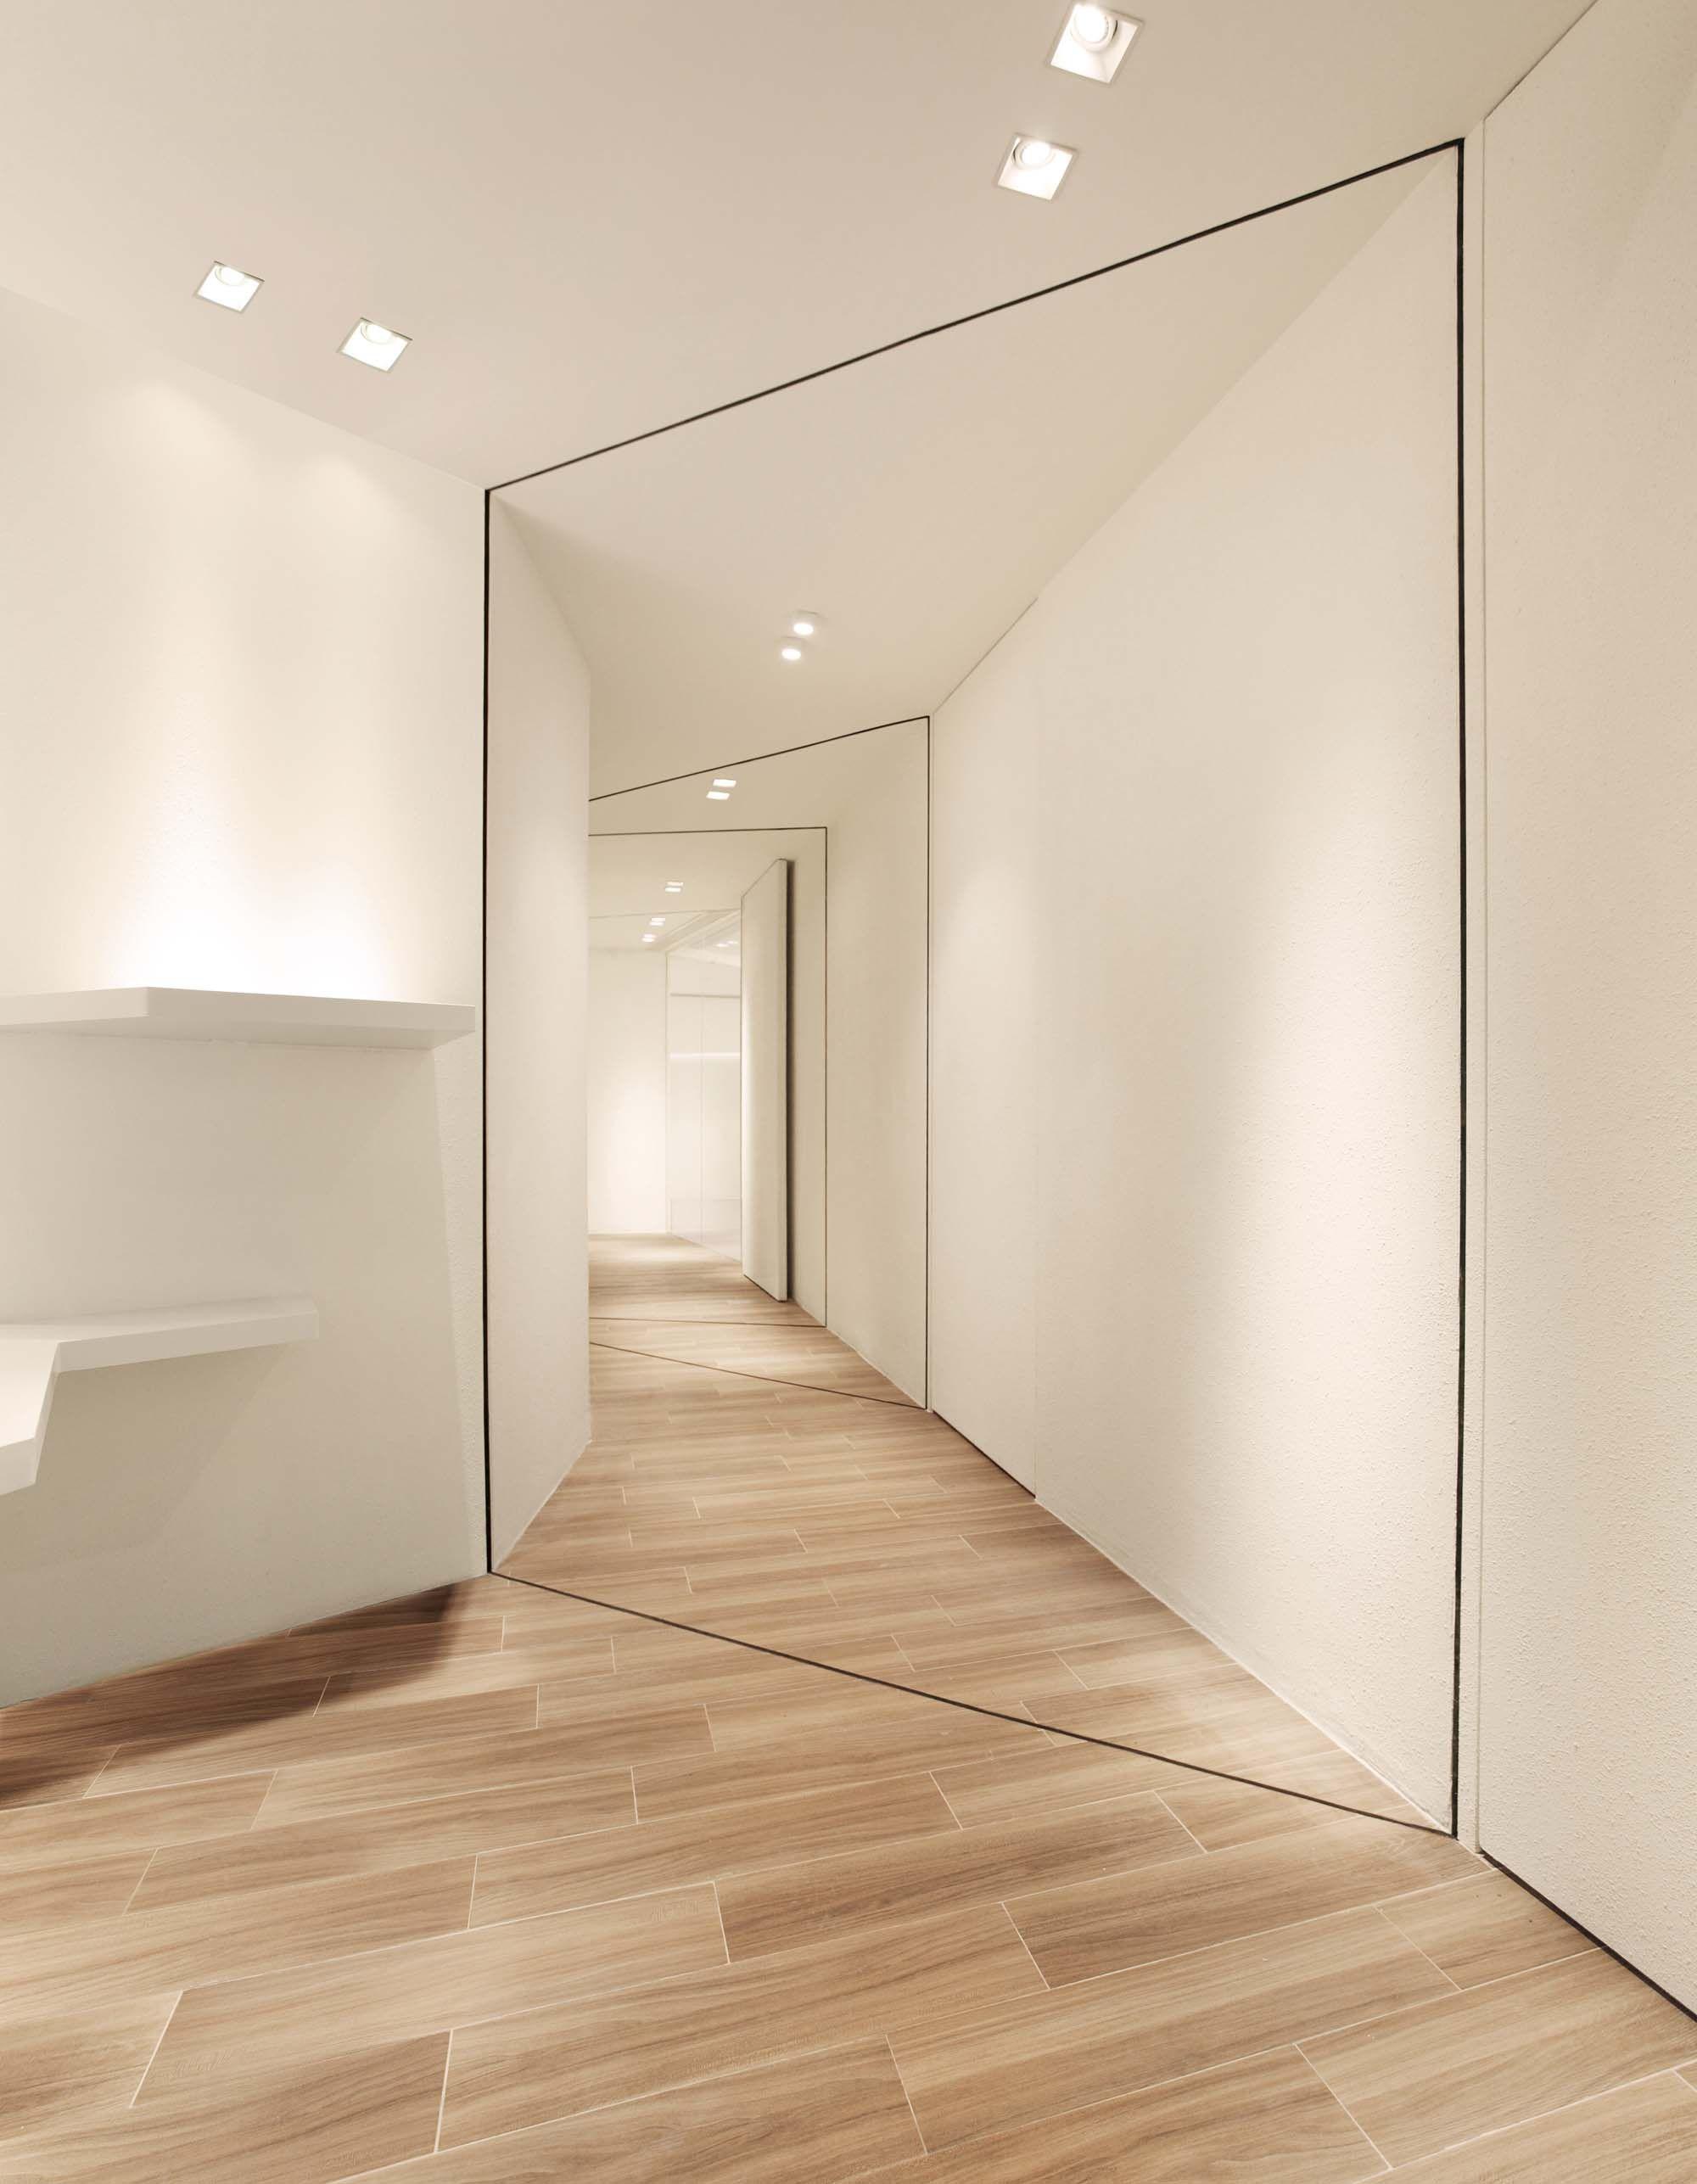 Hospital Corridor Lighting Design: Vet Hospital By KON Design Hong Kong …